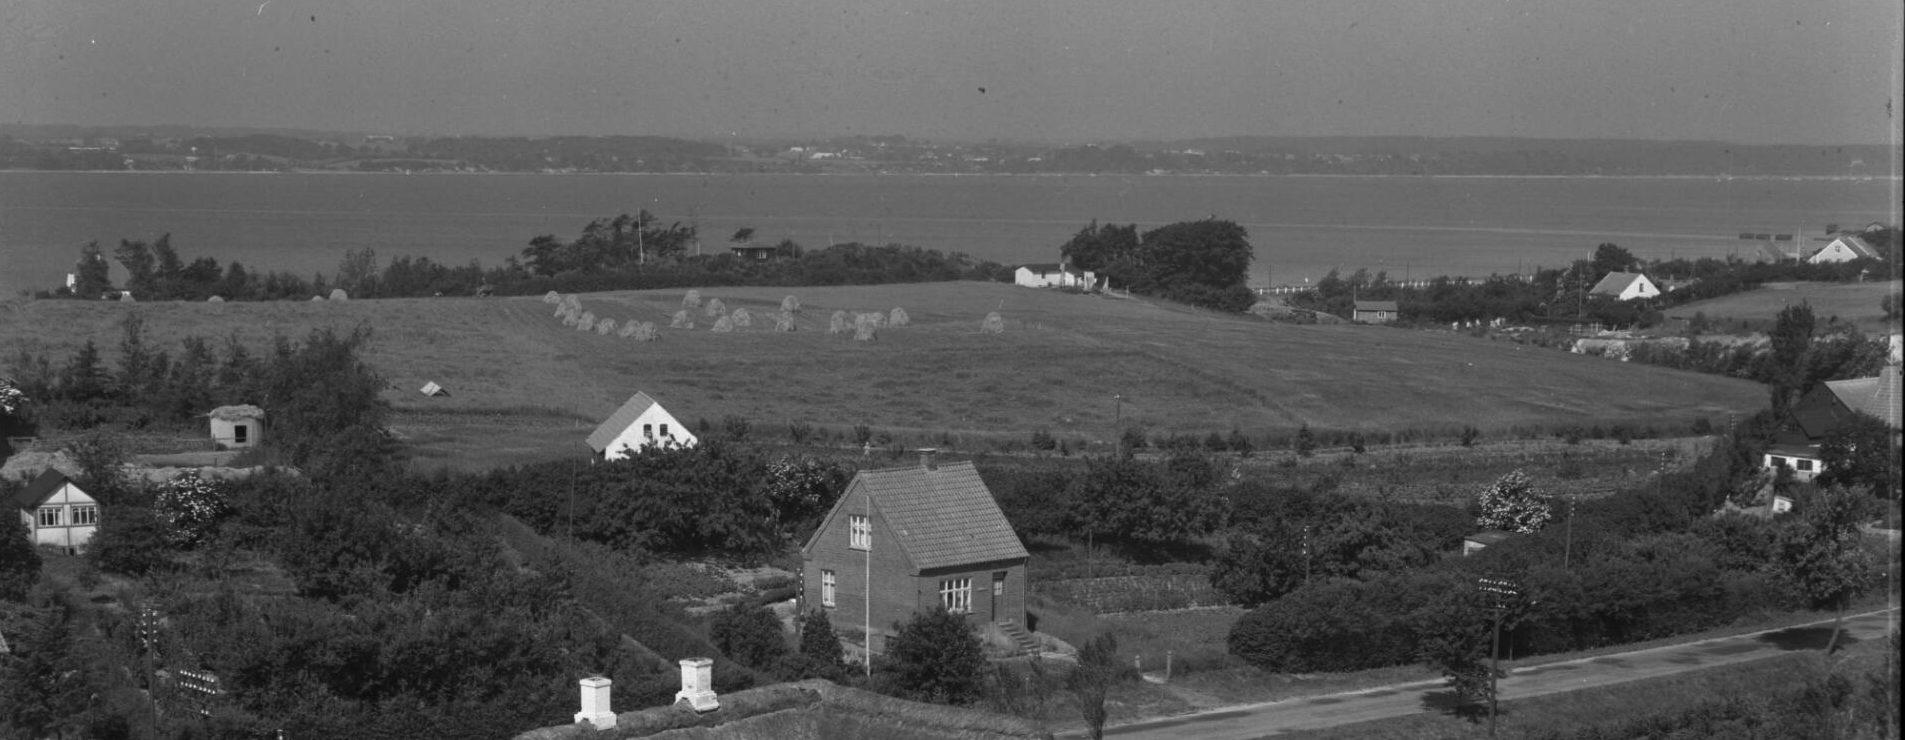 Møllebakken 1951, set fra Strib Landevej